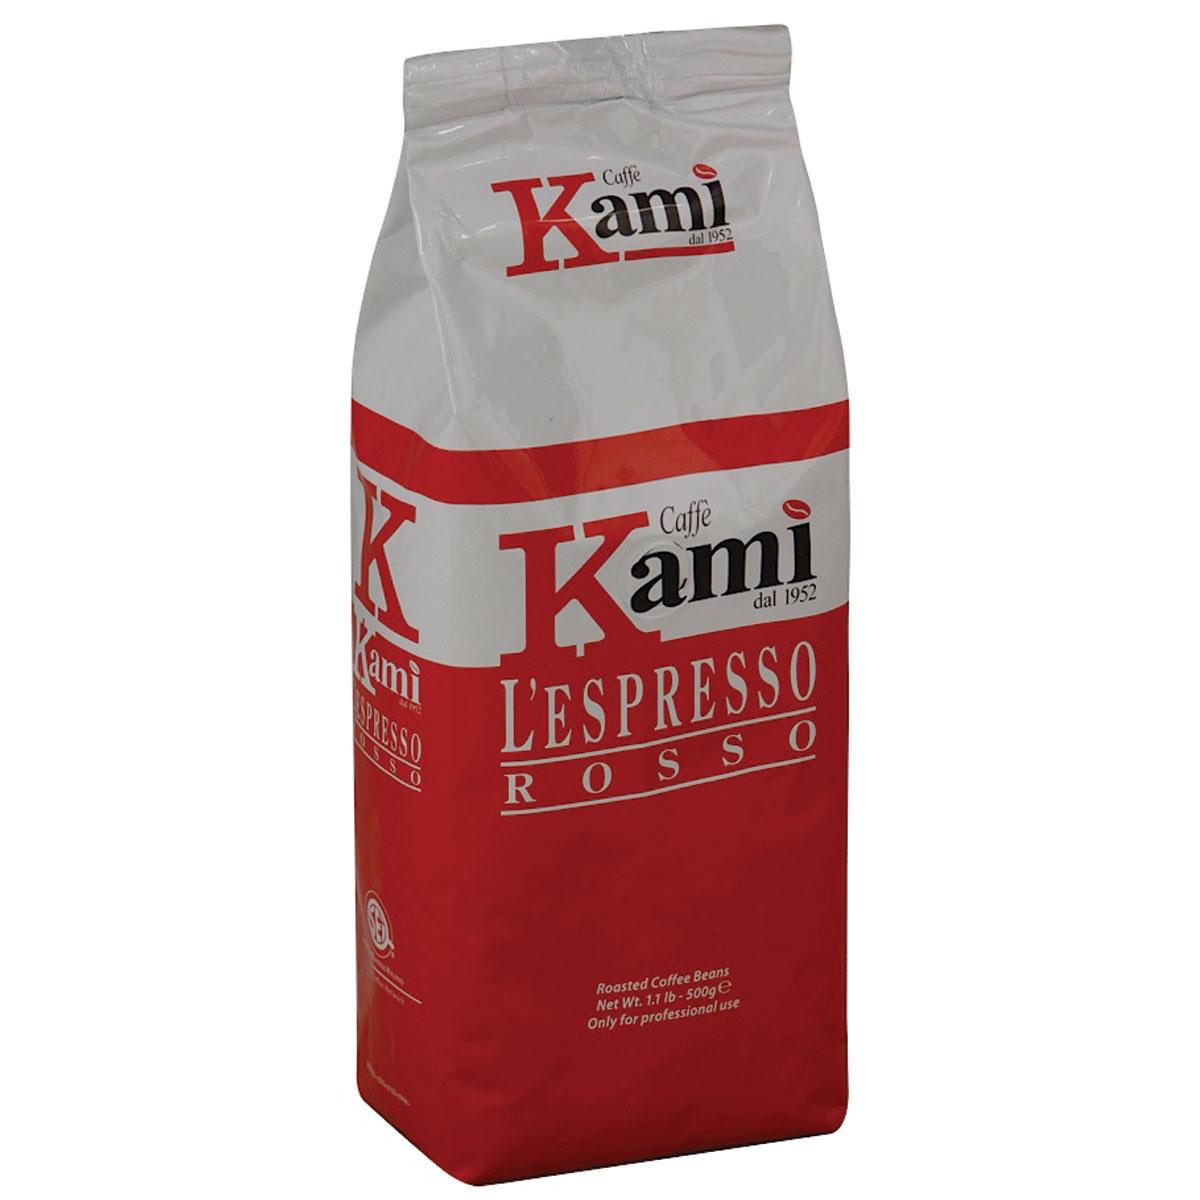 Kami Rosso кофе в зернах, 500 г стоимость